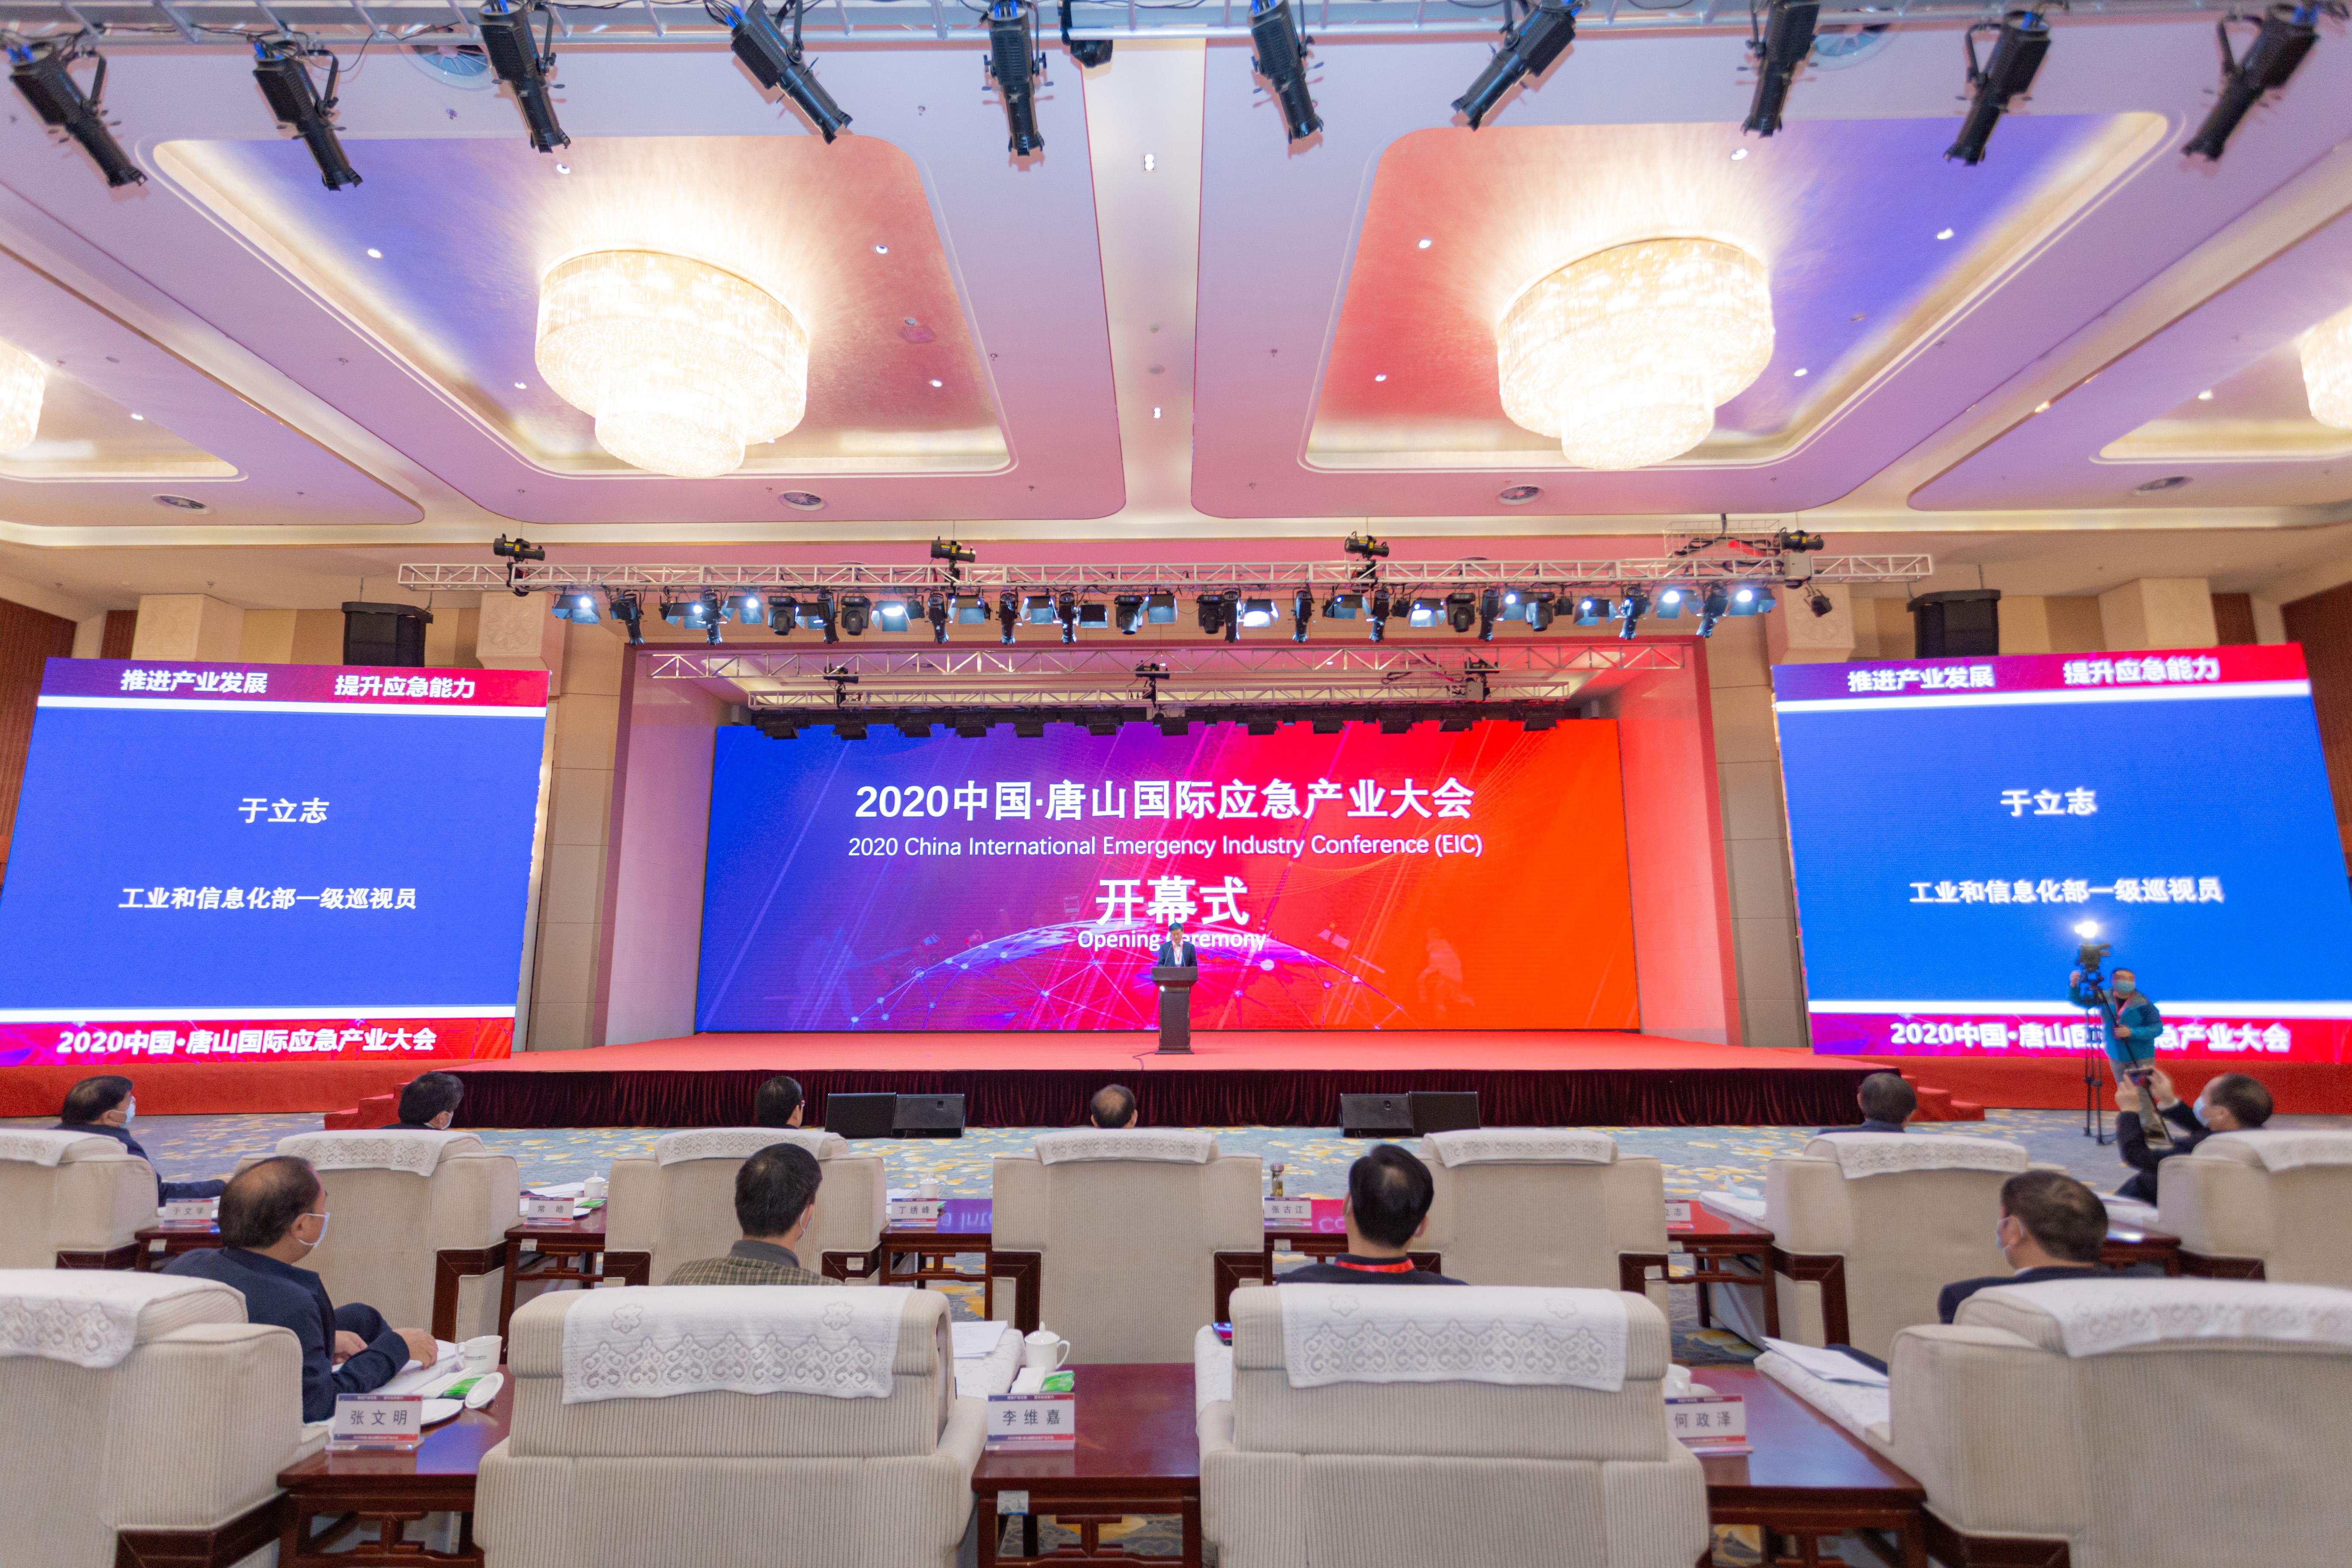 唐山市柳林自动化设备有限公司专题采访